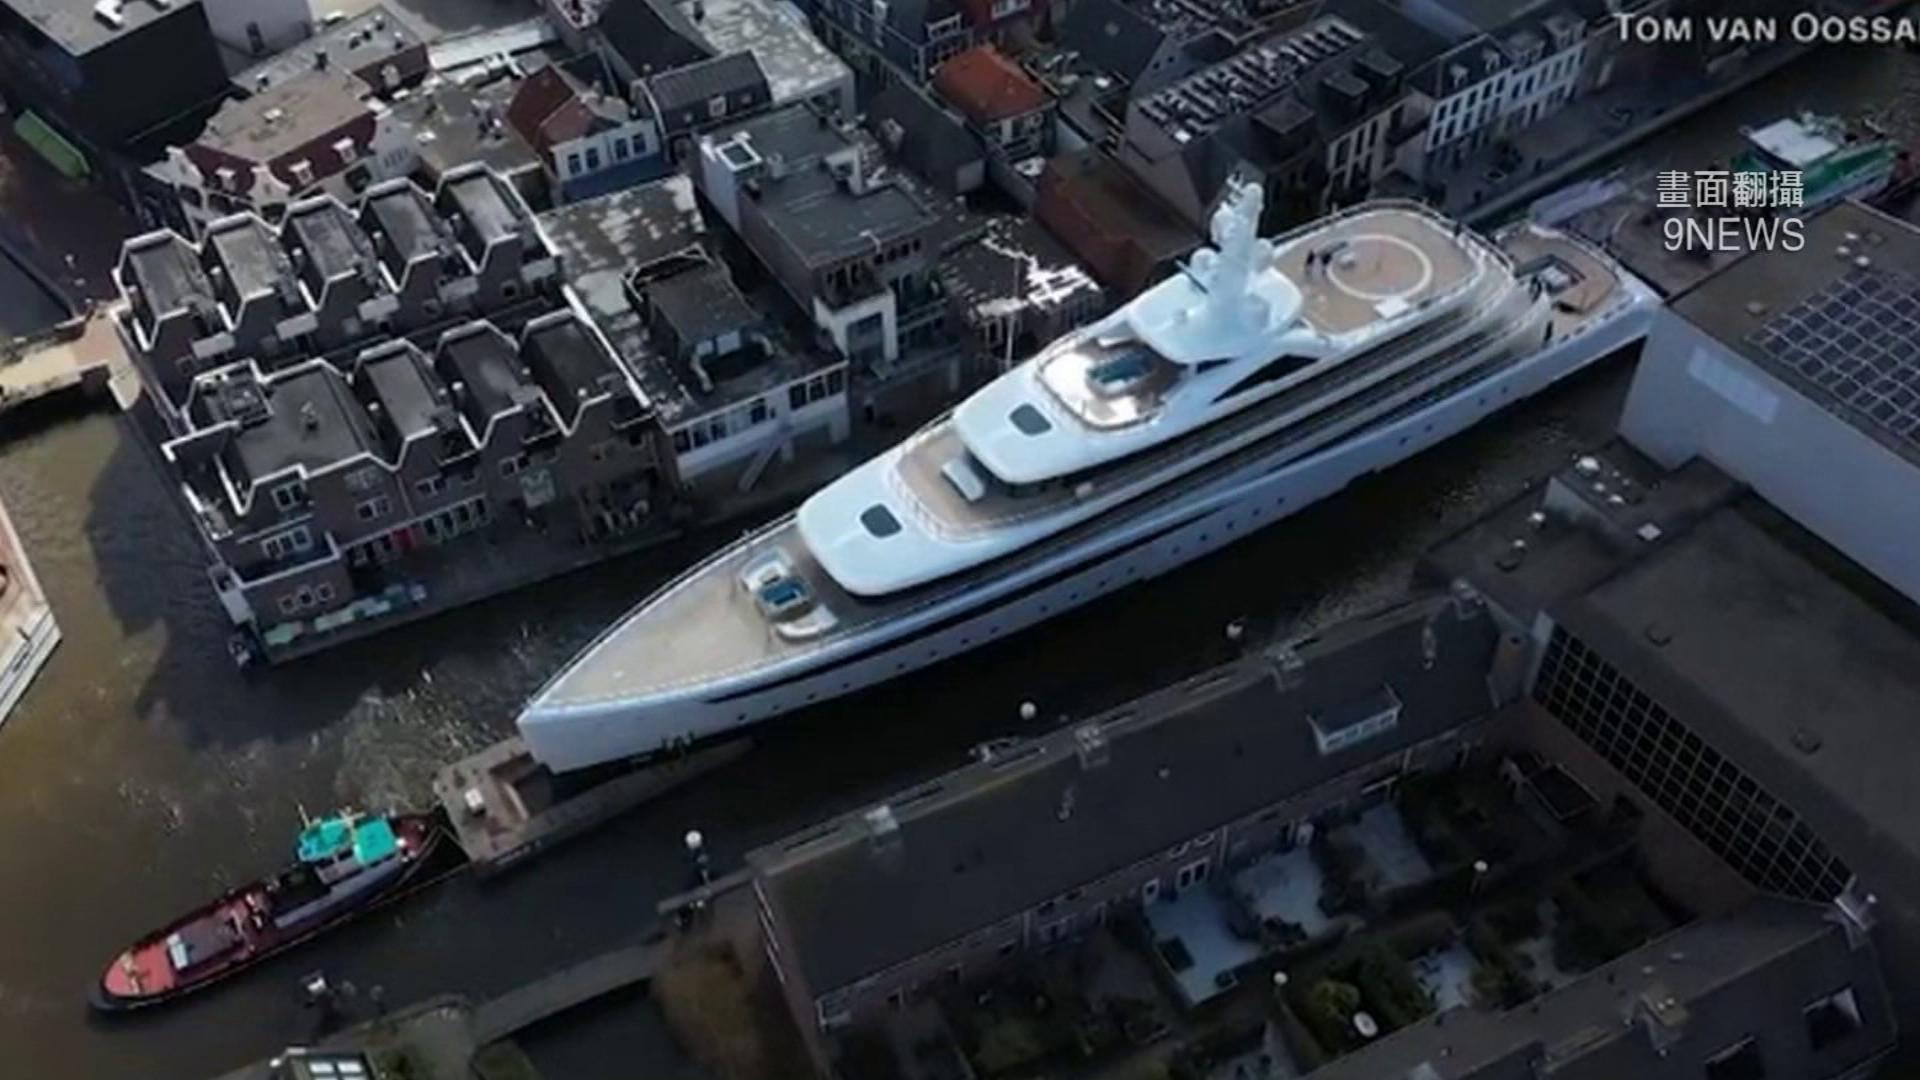 冷汗直流! 荷蘭豪華遊艇「神技」穿越窄小運河網驚呆